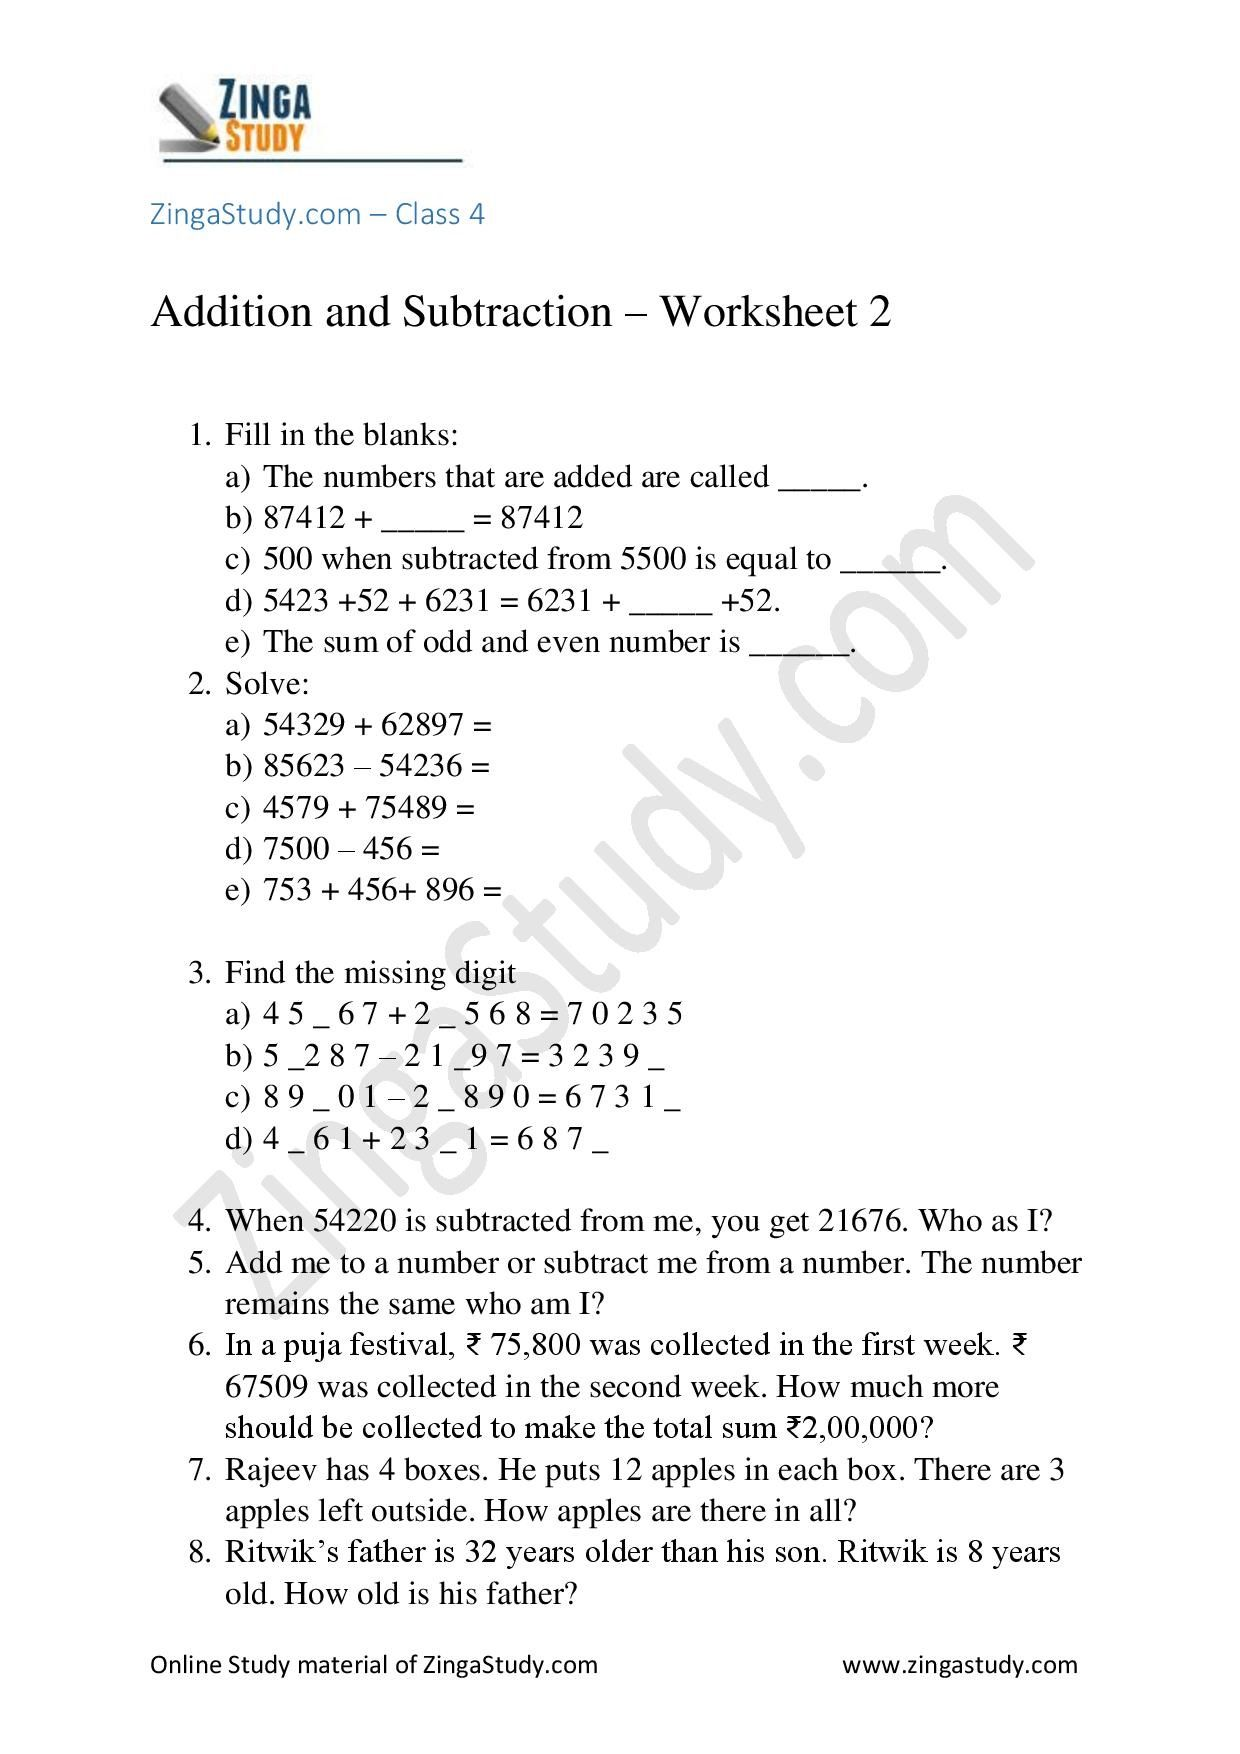 Addition Subtraction Worksheet 2 For Grade 4 Subtraction Worksheets Addition And Subtraction Worksheets Measurement Worksheets [ 1754 x 1240 Pixel ]